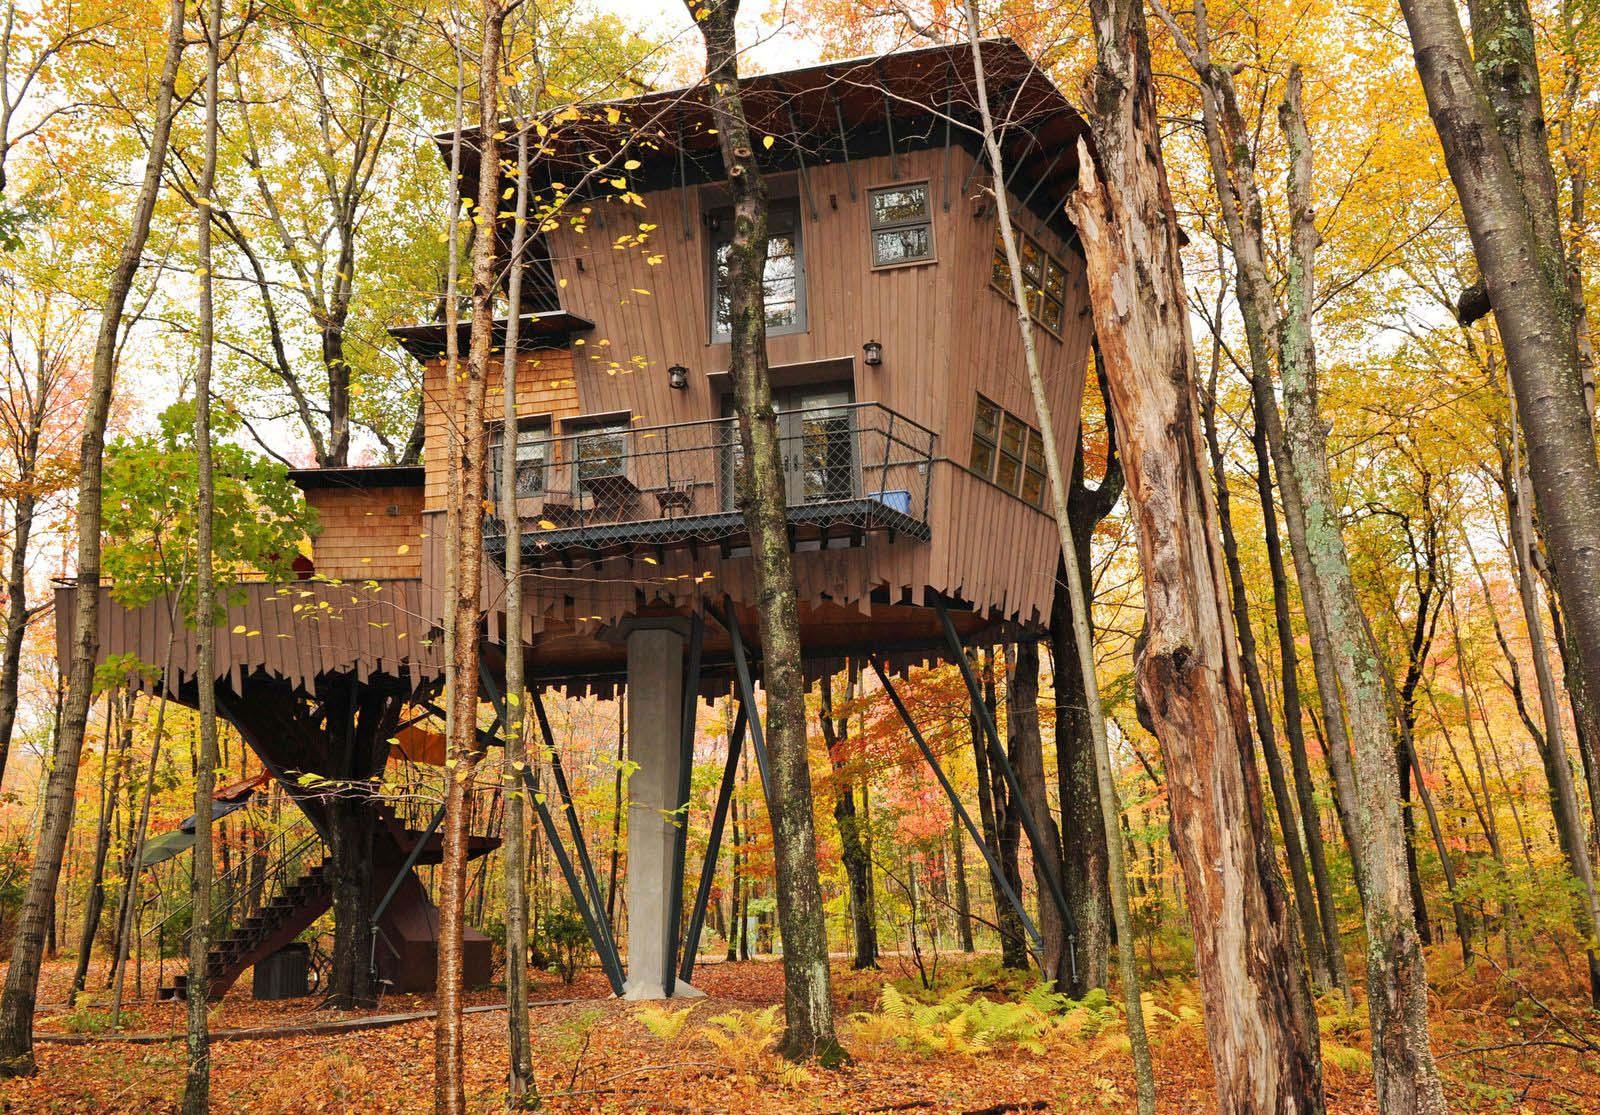 nhà trên cây lá vàng